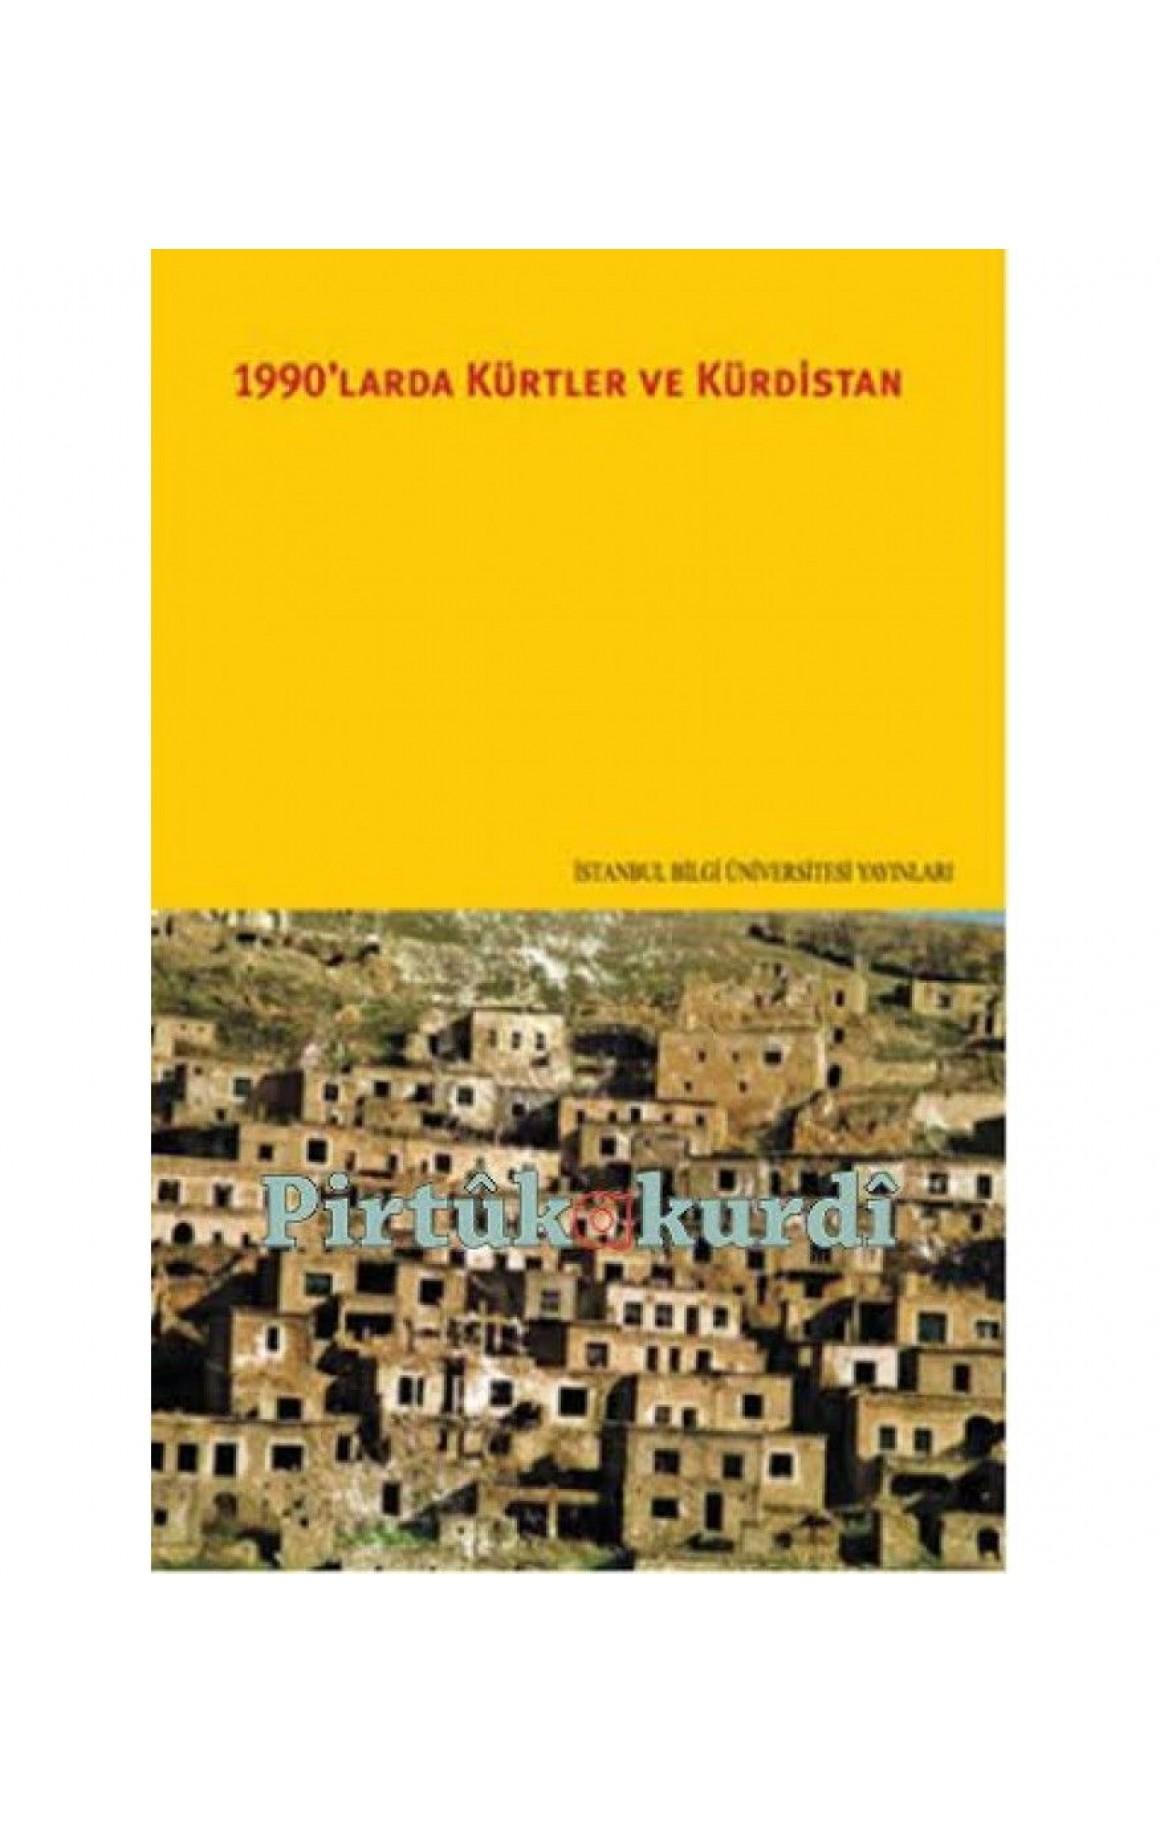 1990'larda Kürtler ve Kürdistan